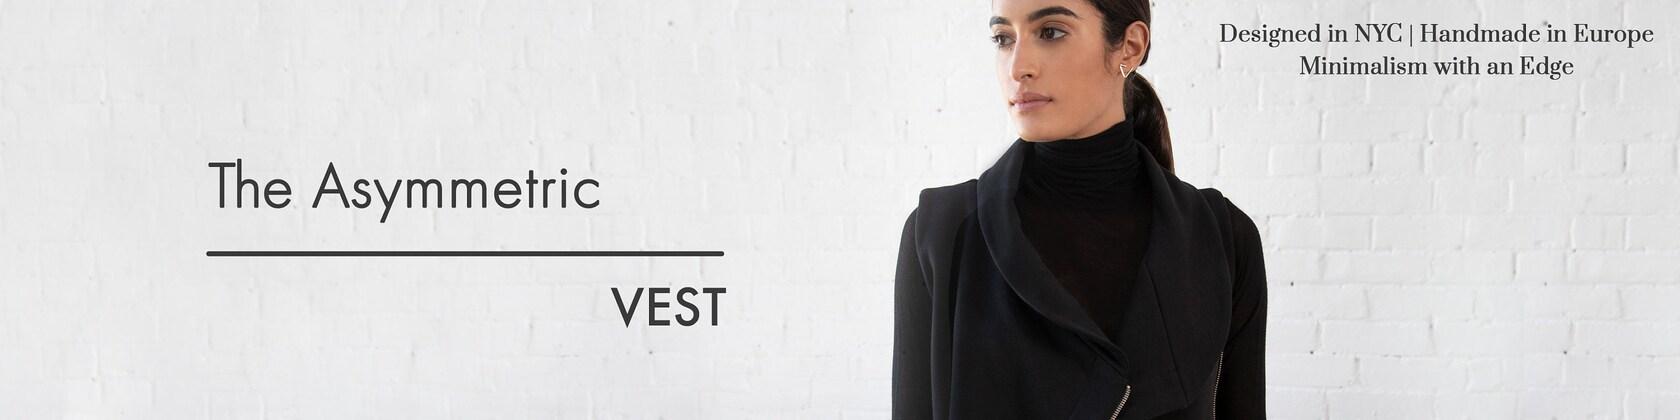 60904ff7e699ae Minimalist clothing effortless elegant and edgy von marcellamoda